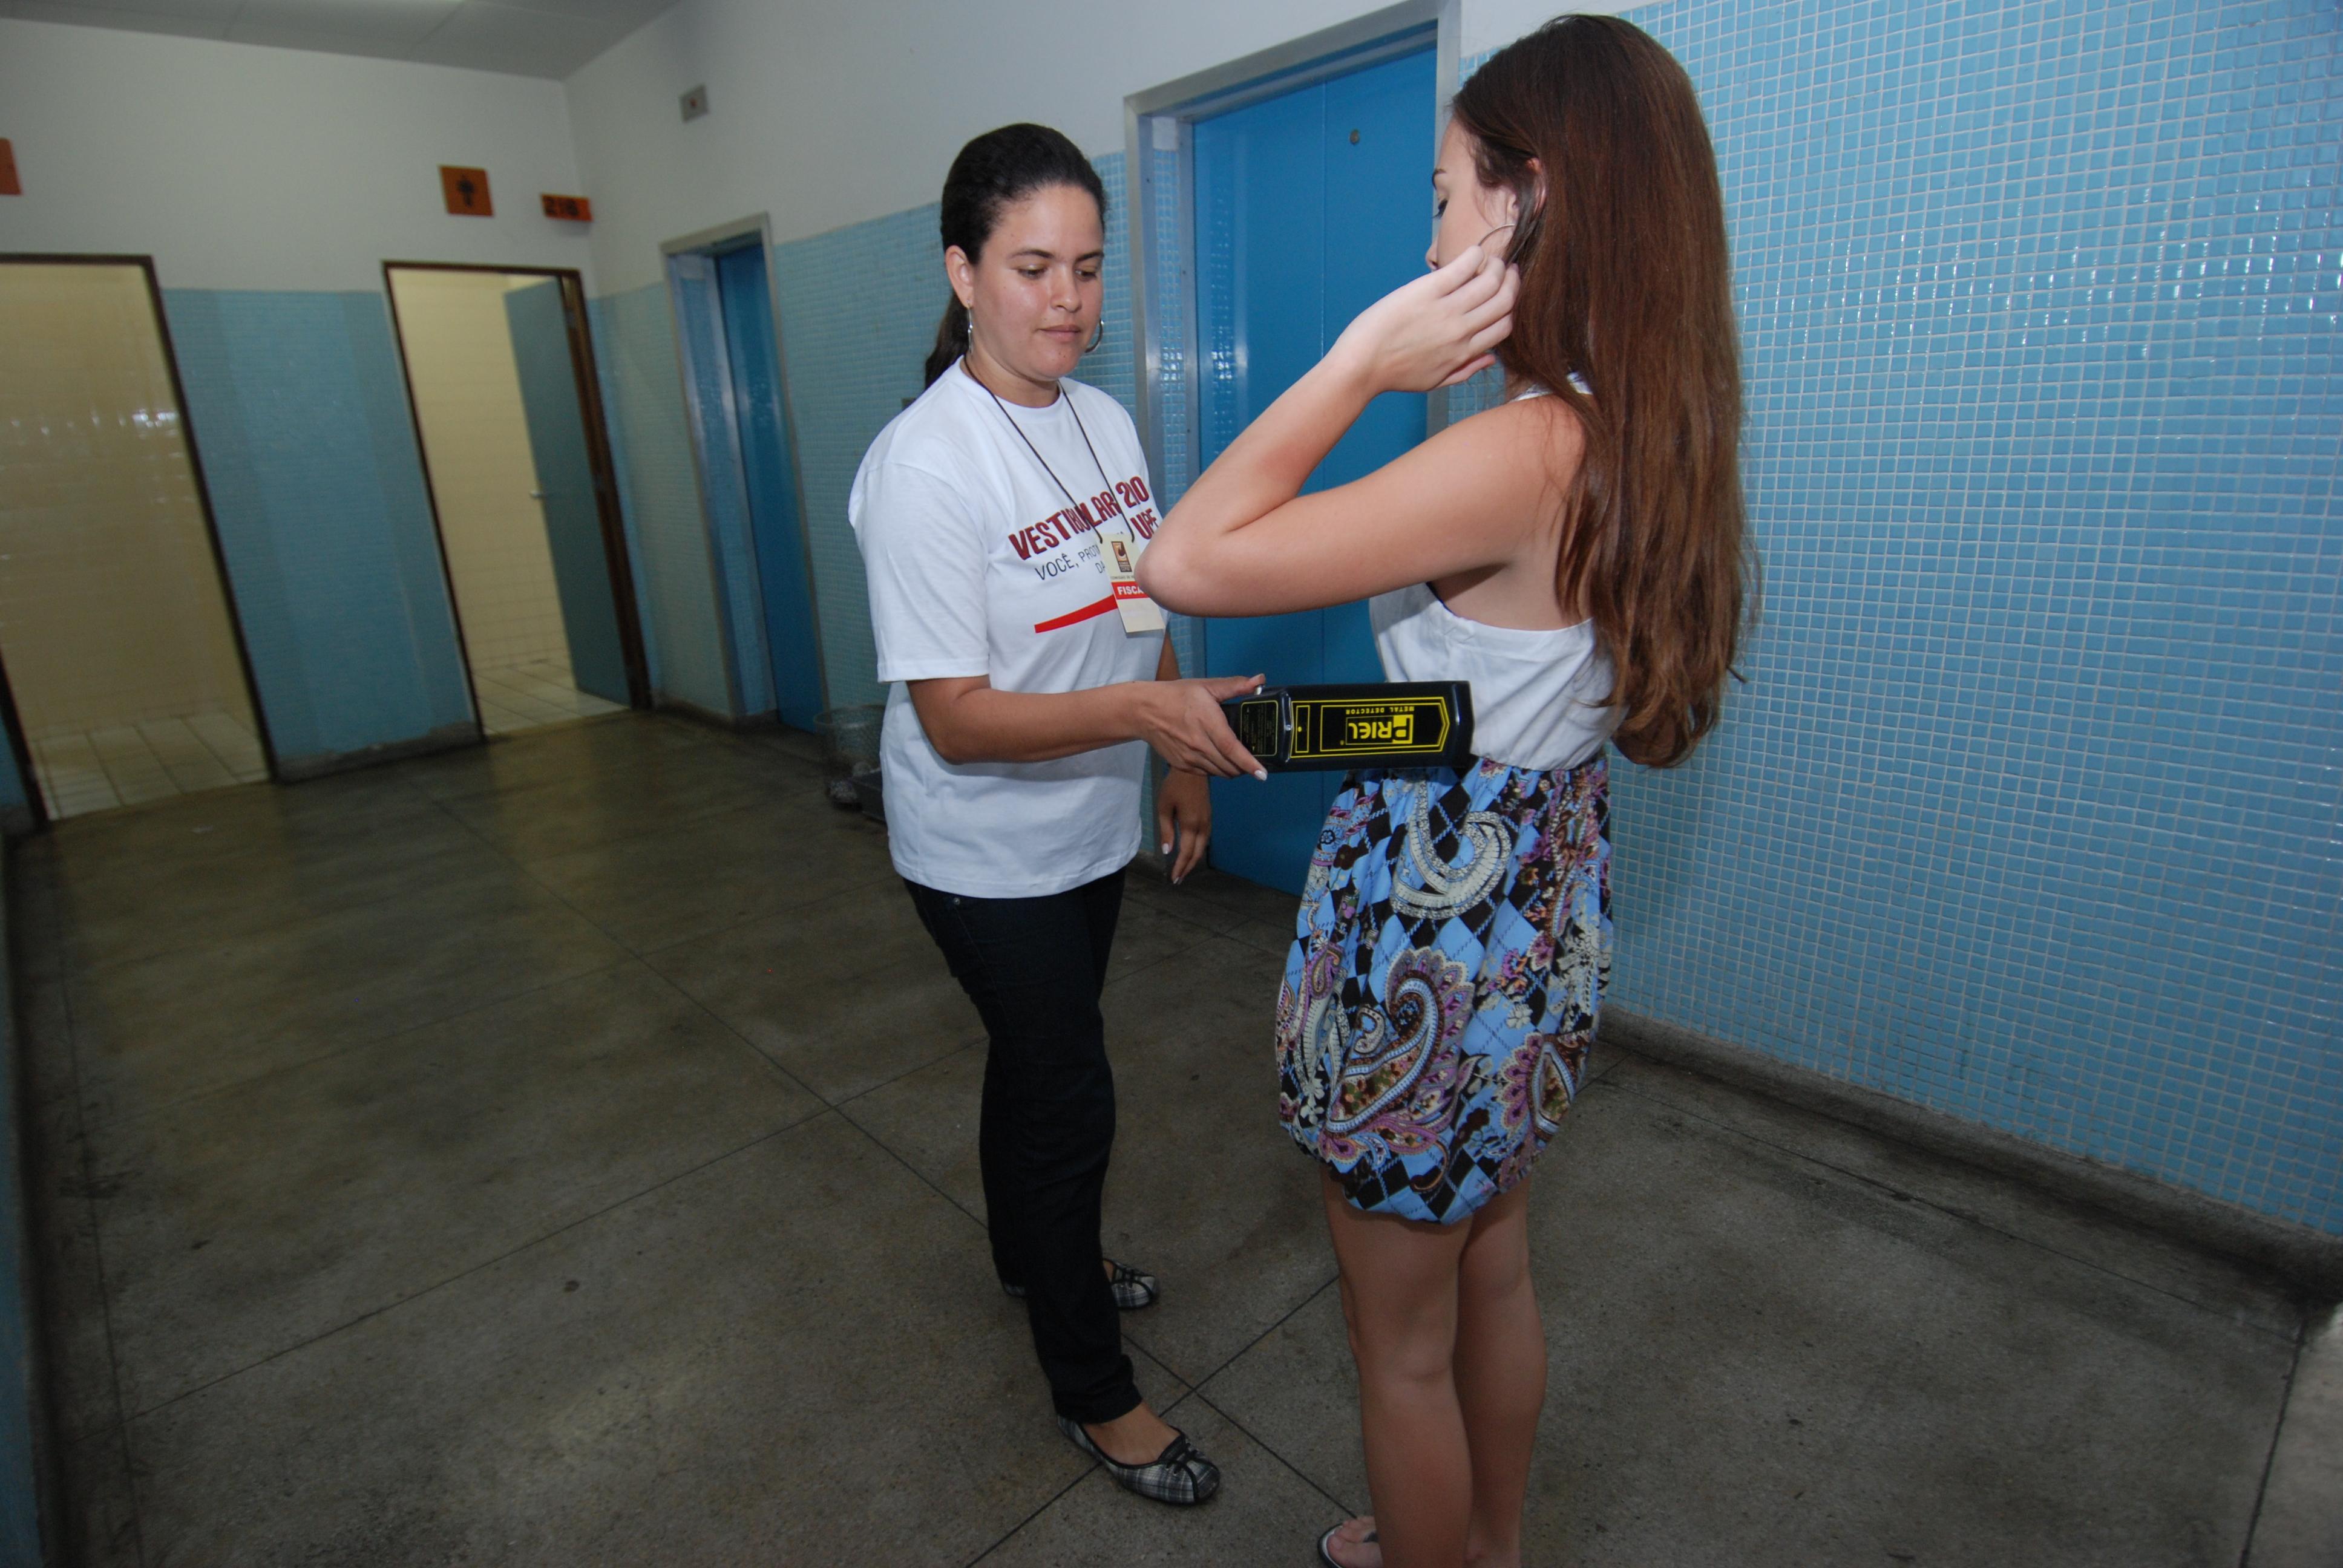 Além de detectores de metal, recomendação pede sistemas de identificação biométrica nas unidades de ensino do Recife. Foto: Cecília de Sá Pereira/Arquivo DP.